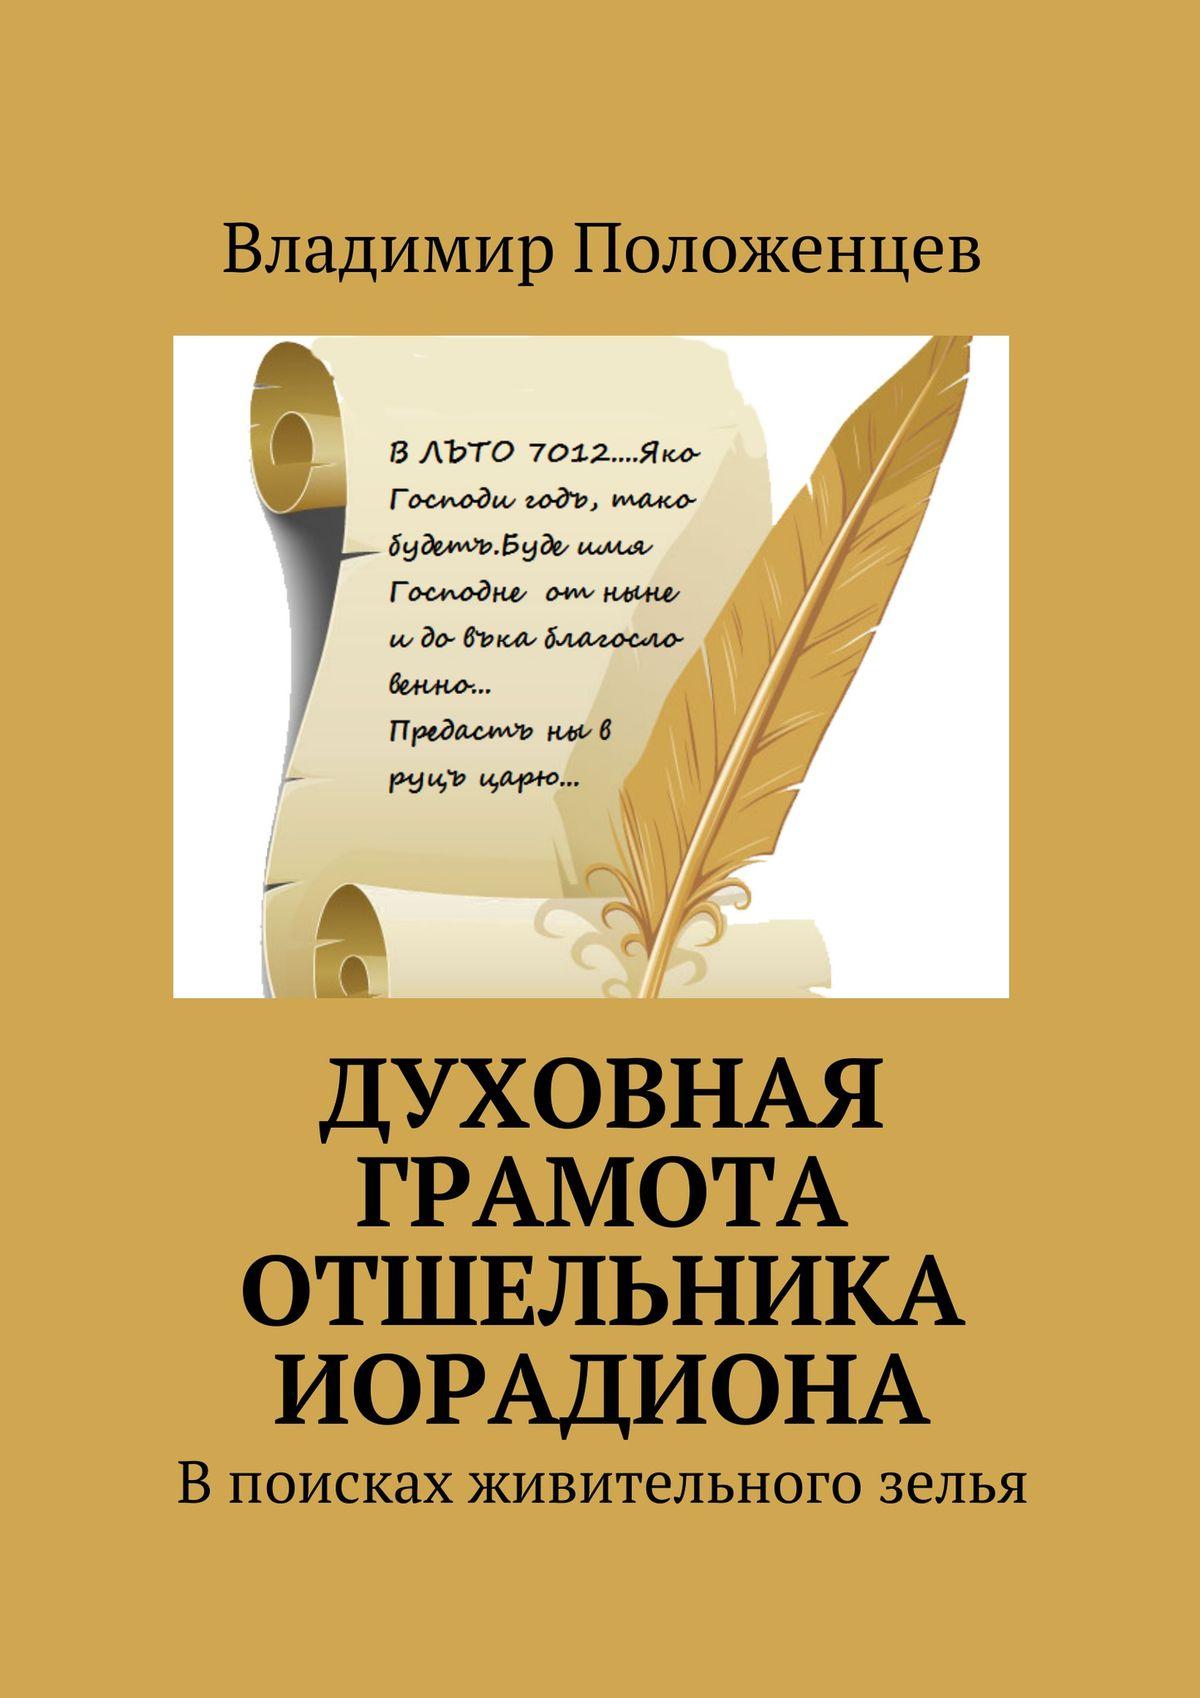 Владимир Положенцев Духовная грамота отшельника Иорадиона